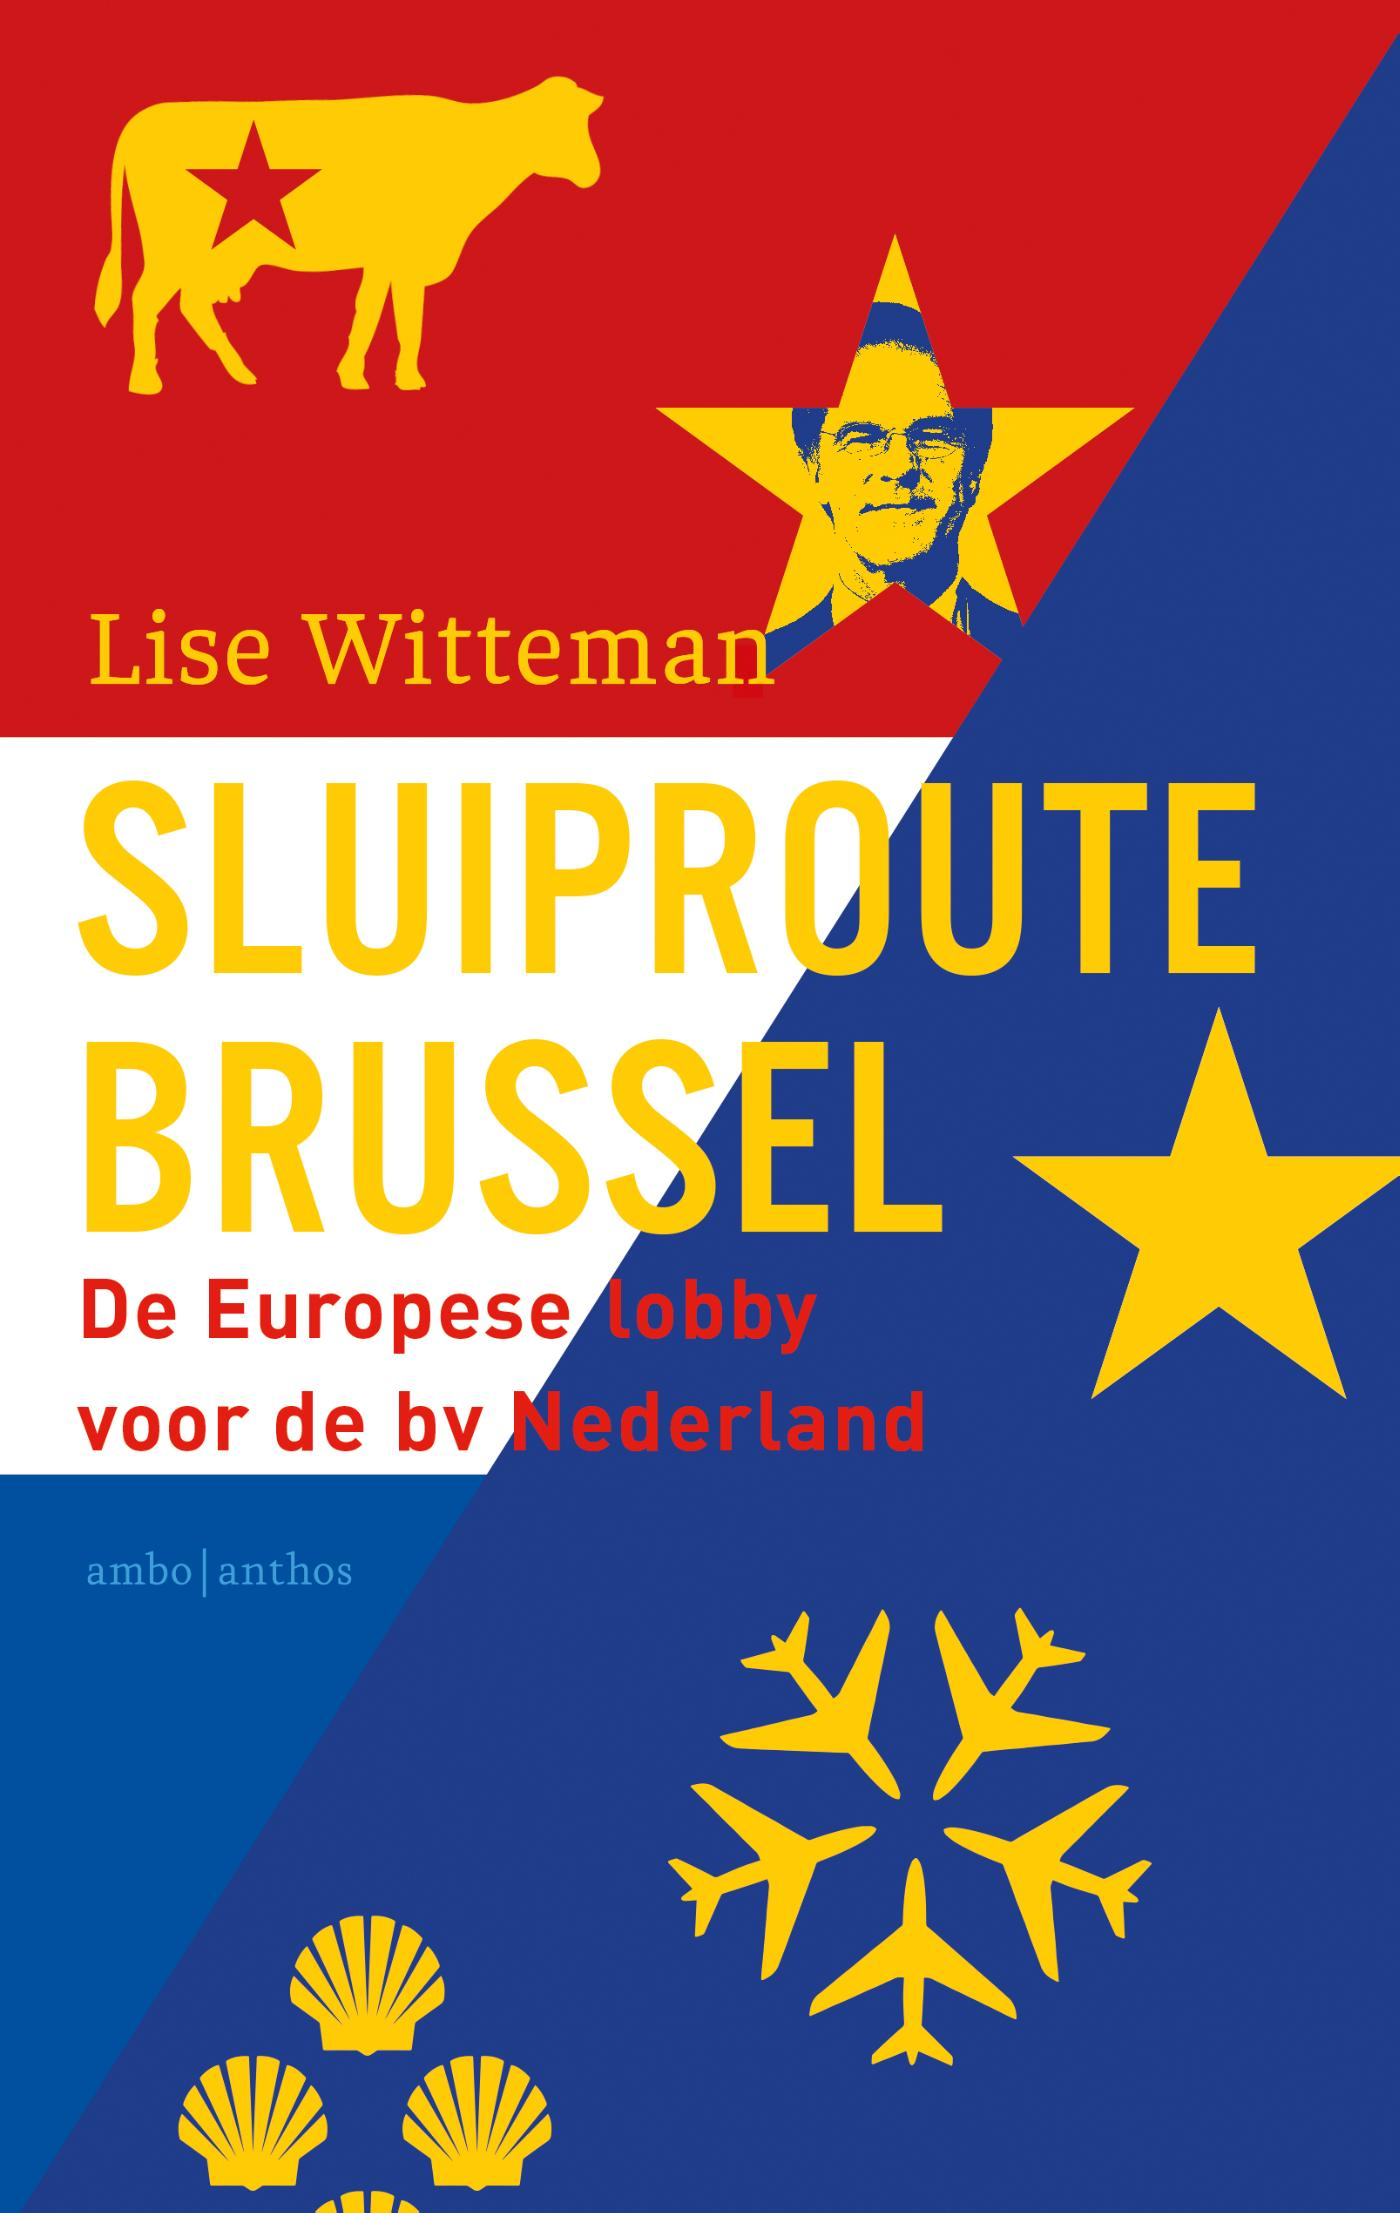 Sluiproute Brussel